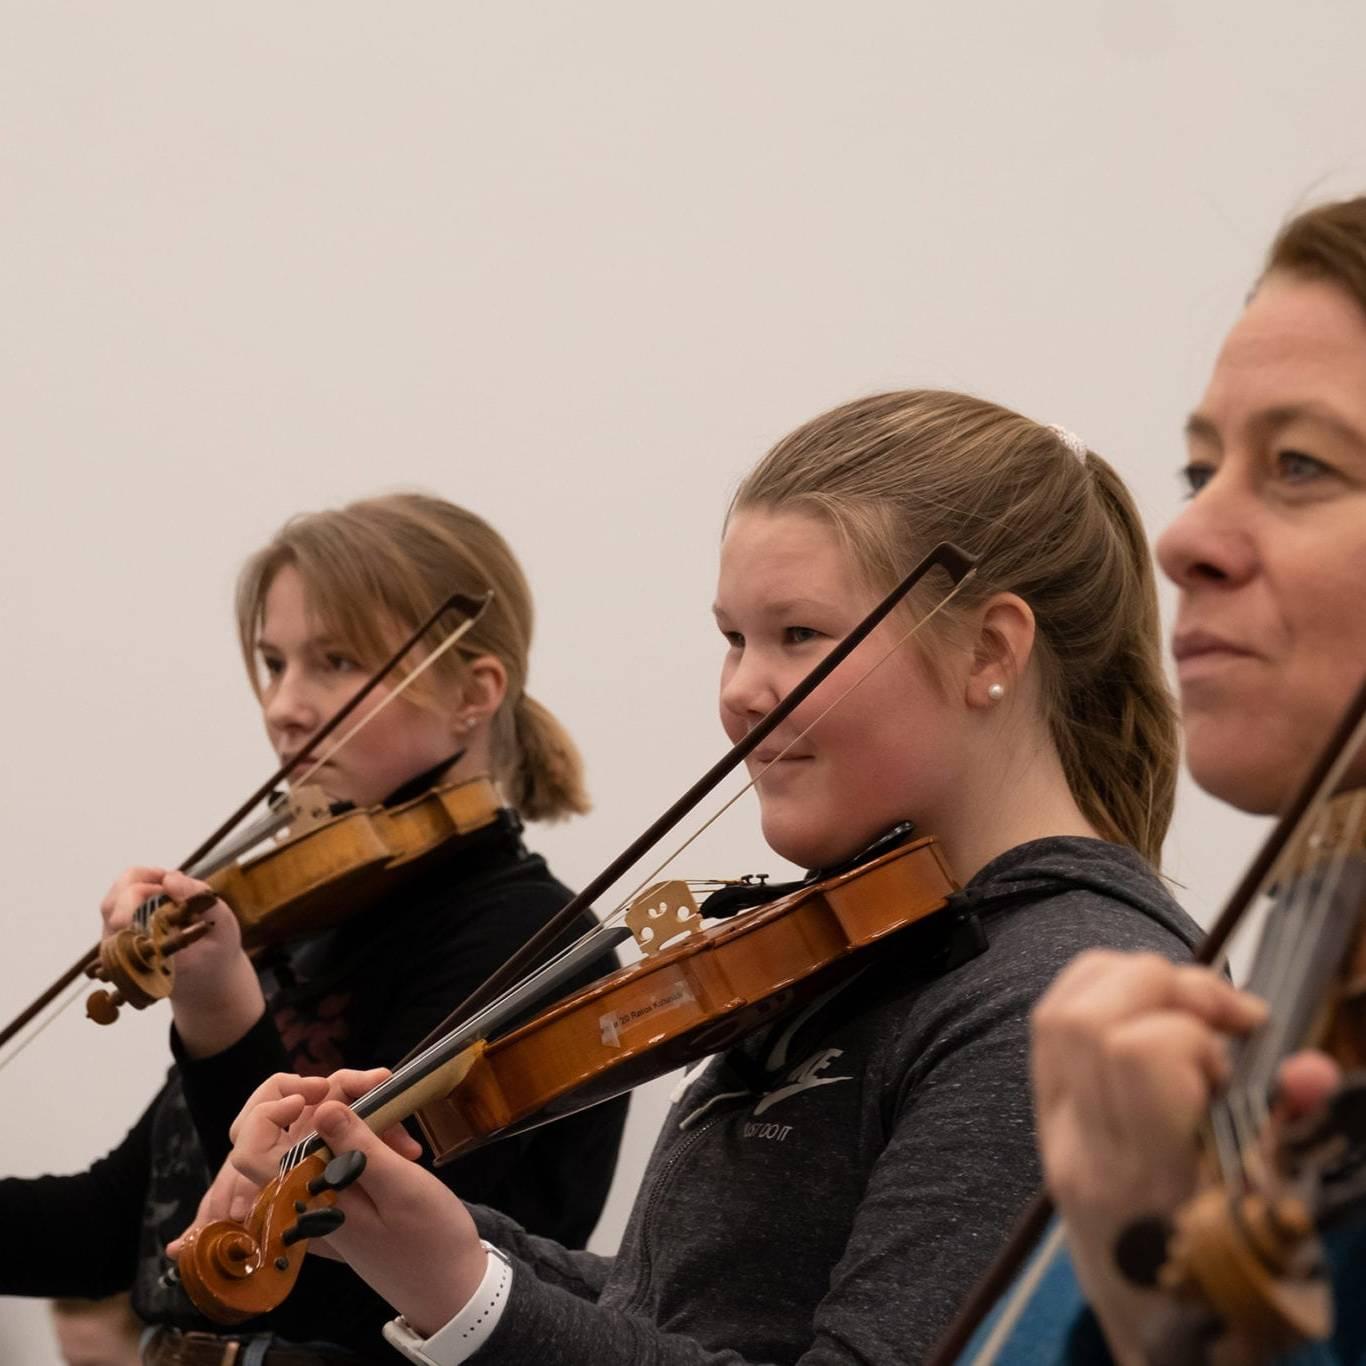 Strykerne fra kulturskolene i regionen får litt ekstra utbytte av undervisningen til den erfarne fiolinisten Berit Værnes Cardas. F.v. Selma Knudsen Gullikstad og Hanne Schjølberg fra Røros. Værnes Cardas helt til høyre. Foto: Trine Lysholm Hagan.